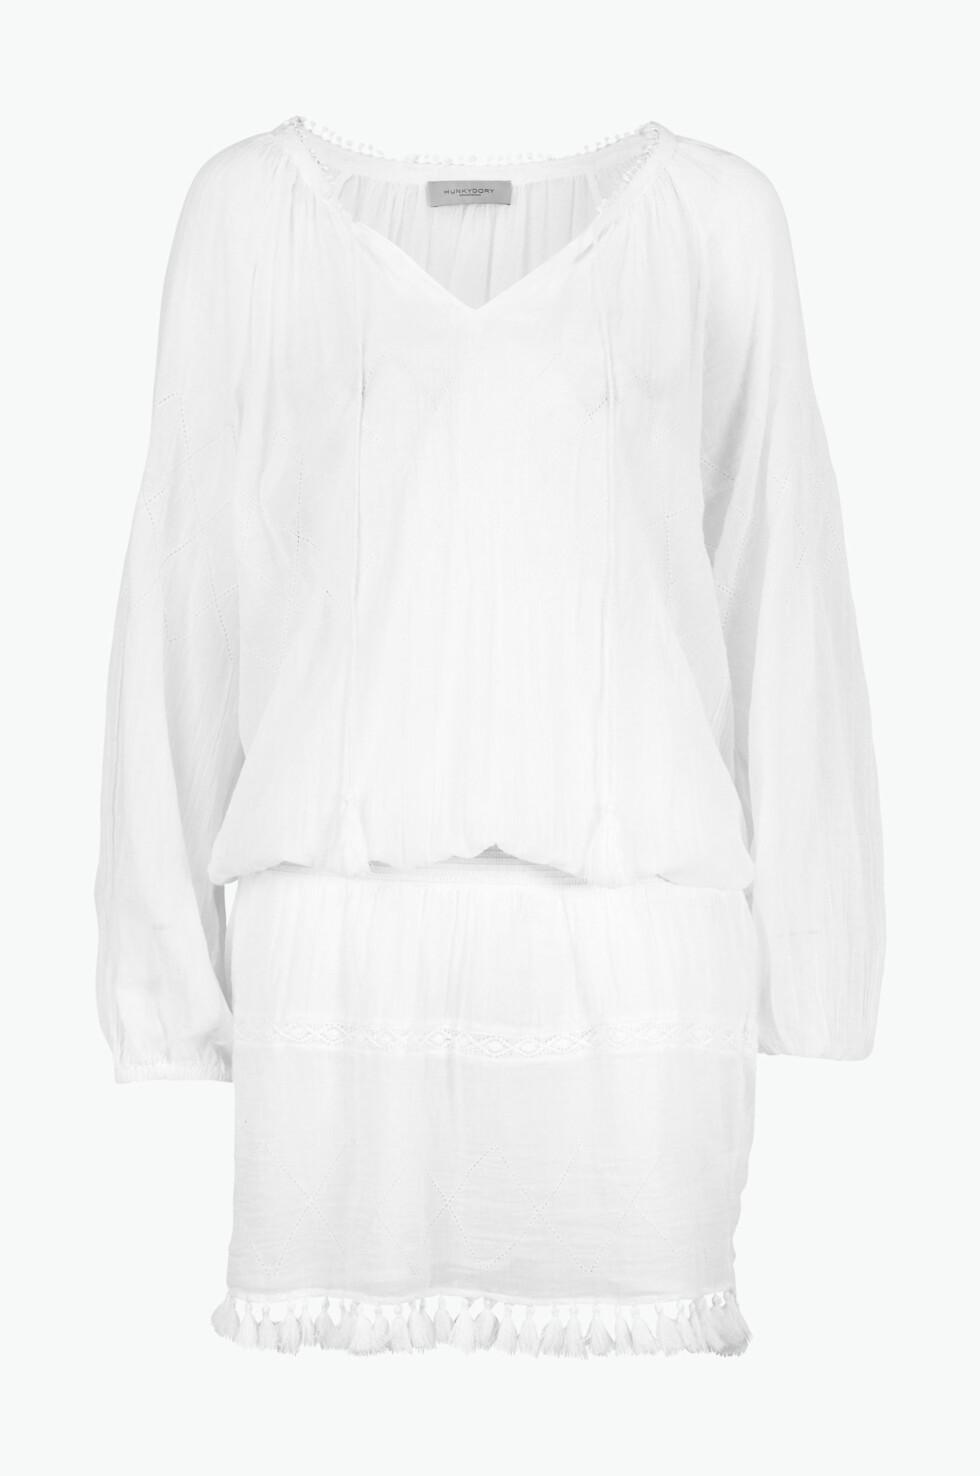 Hvit kjole fra Hunkydory via Ellos.no, | kr 1400 | https://track.adtraction.com/t/t?a=1068408670&as=1115634940&t=2&tk=1&url=http://www.ellos.no/hunkydory/kjole-dinuba/526331?N=1z141puZ1z141sgZ1z141ooZ1z141od&Ns=RankValue3|1&Nao=3&selArt=360677&pr=0C1B2S3T